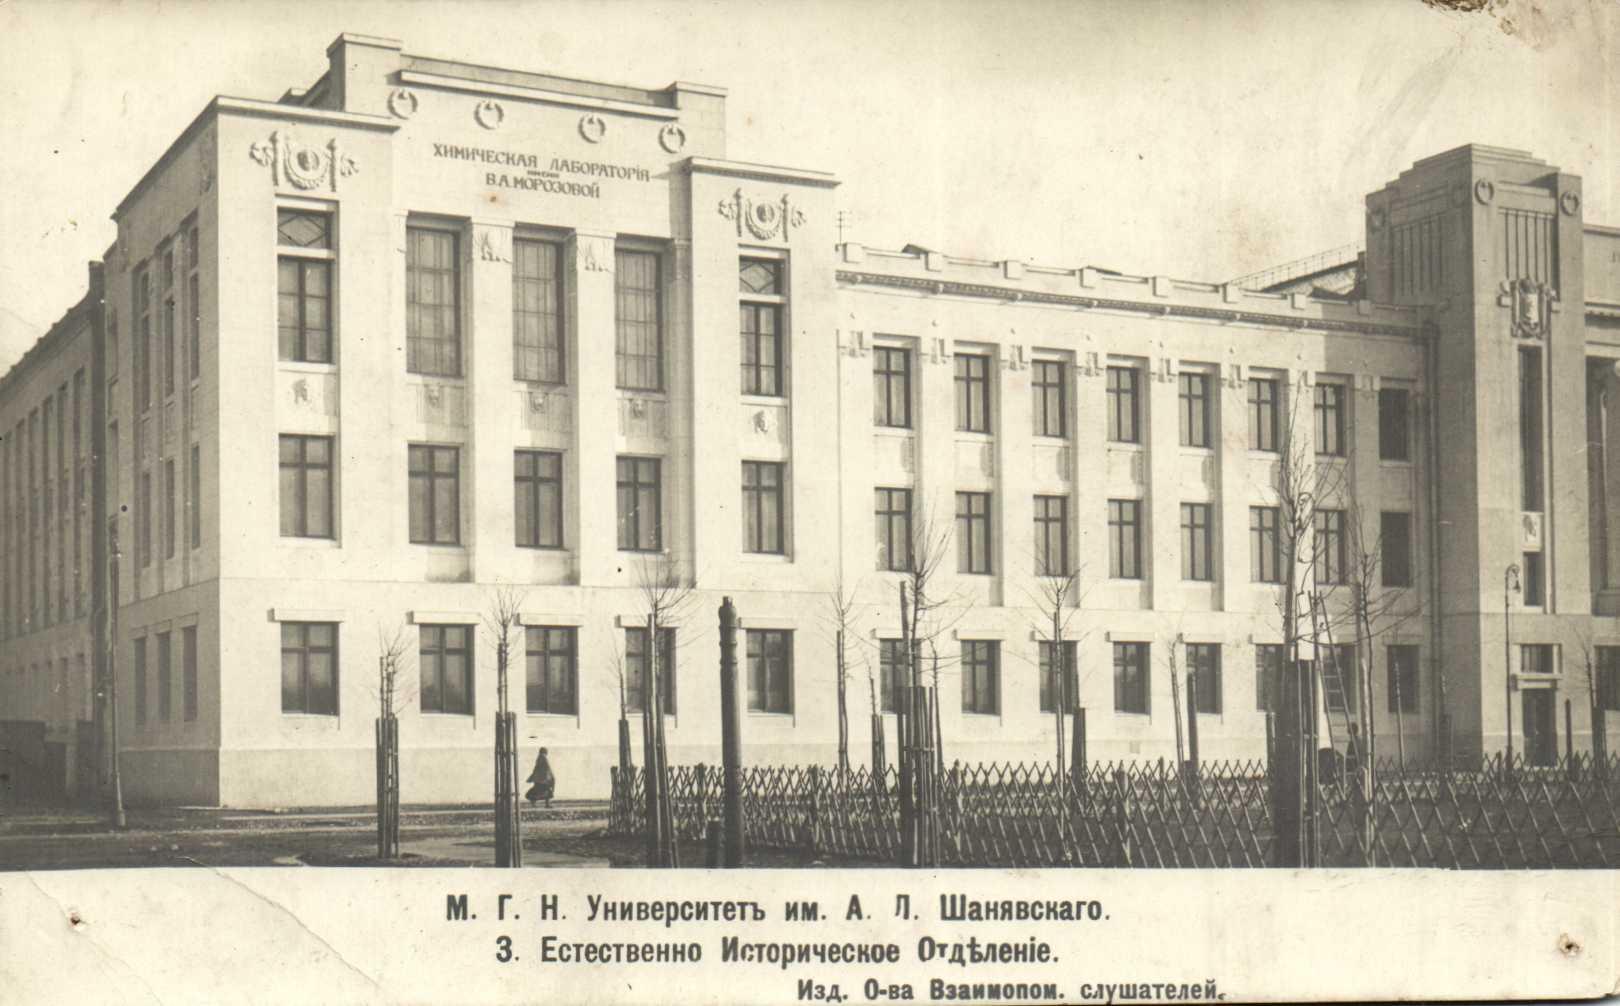 Университет им. А.Л. Шанявского. 03. Естественно Историческое Отделение